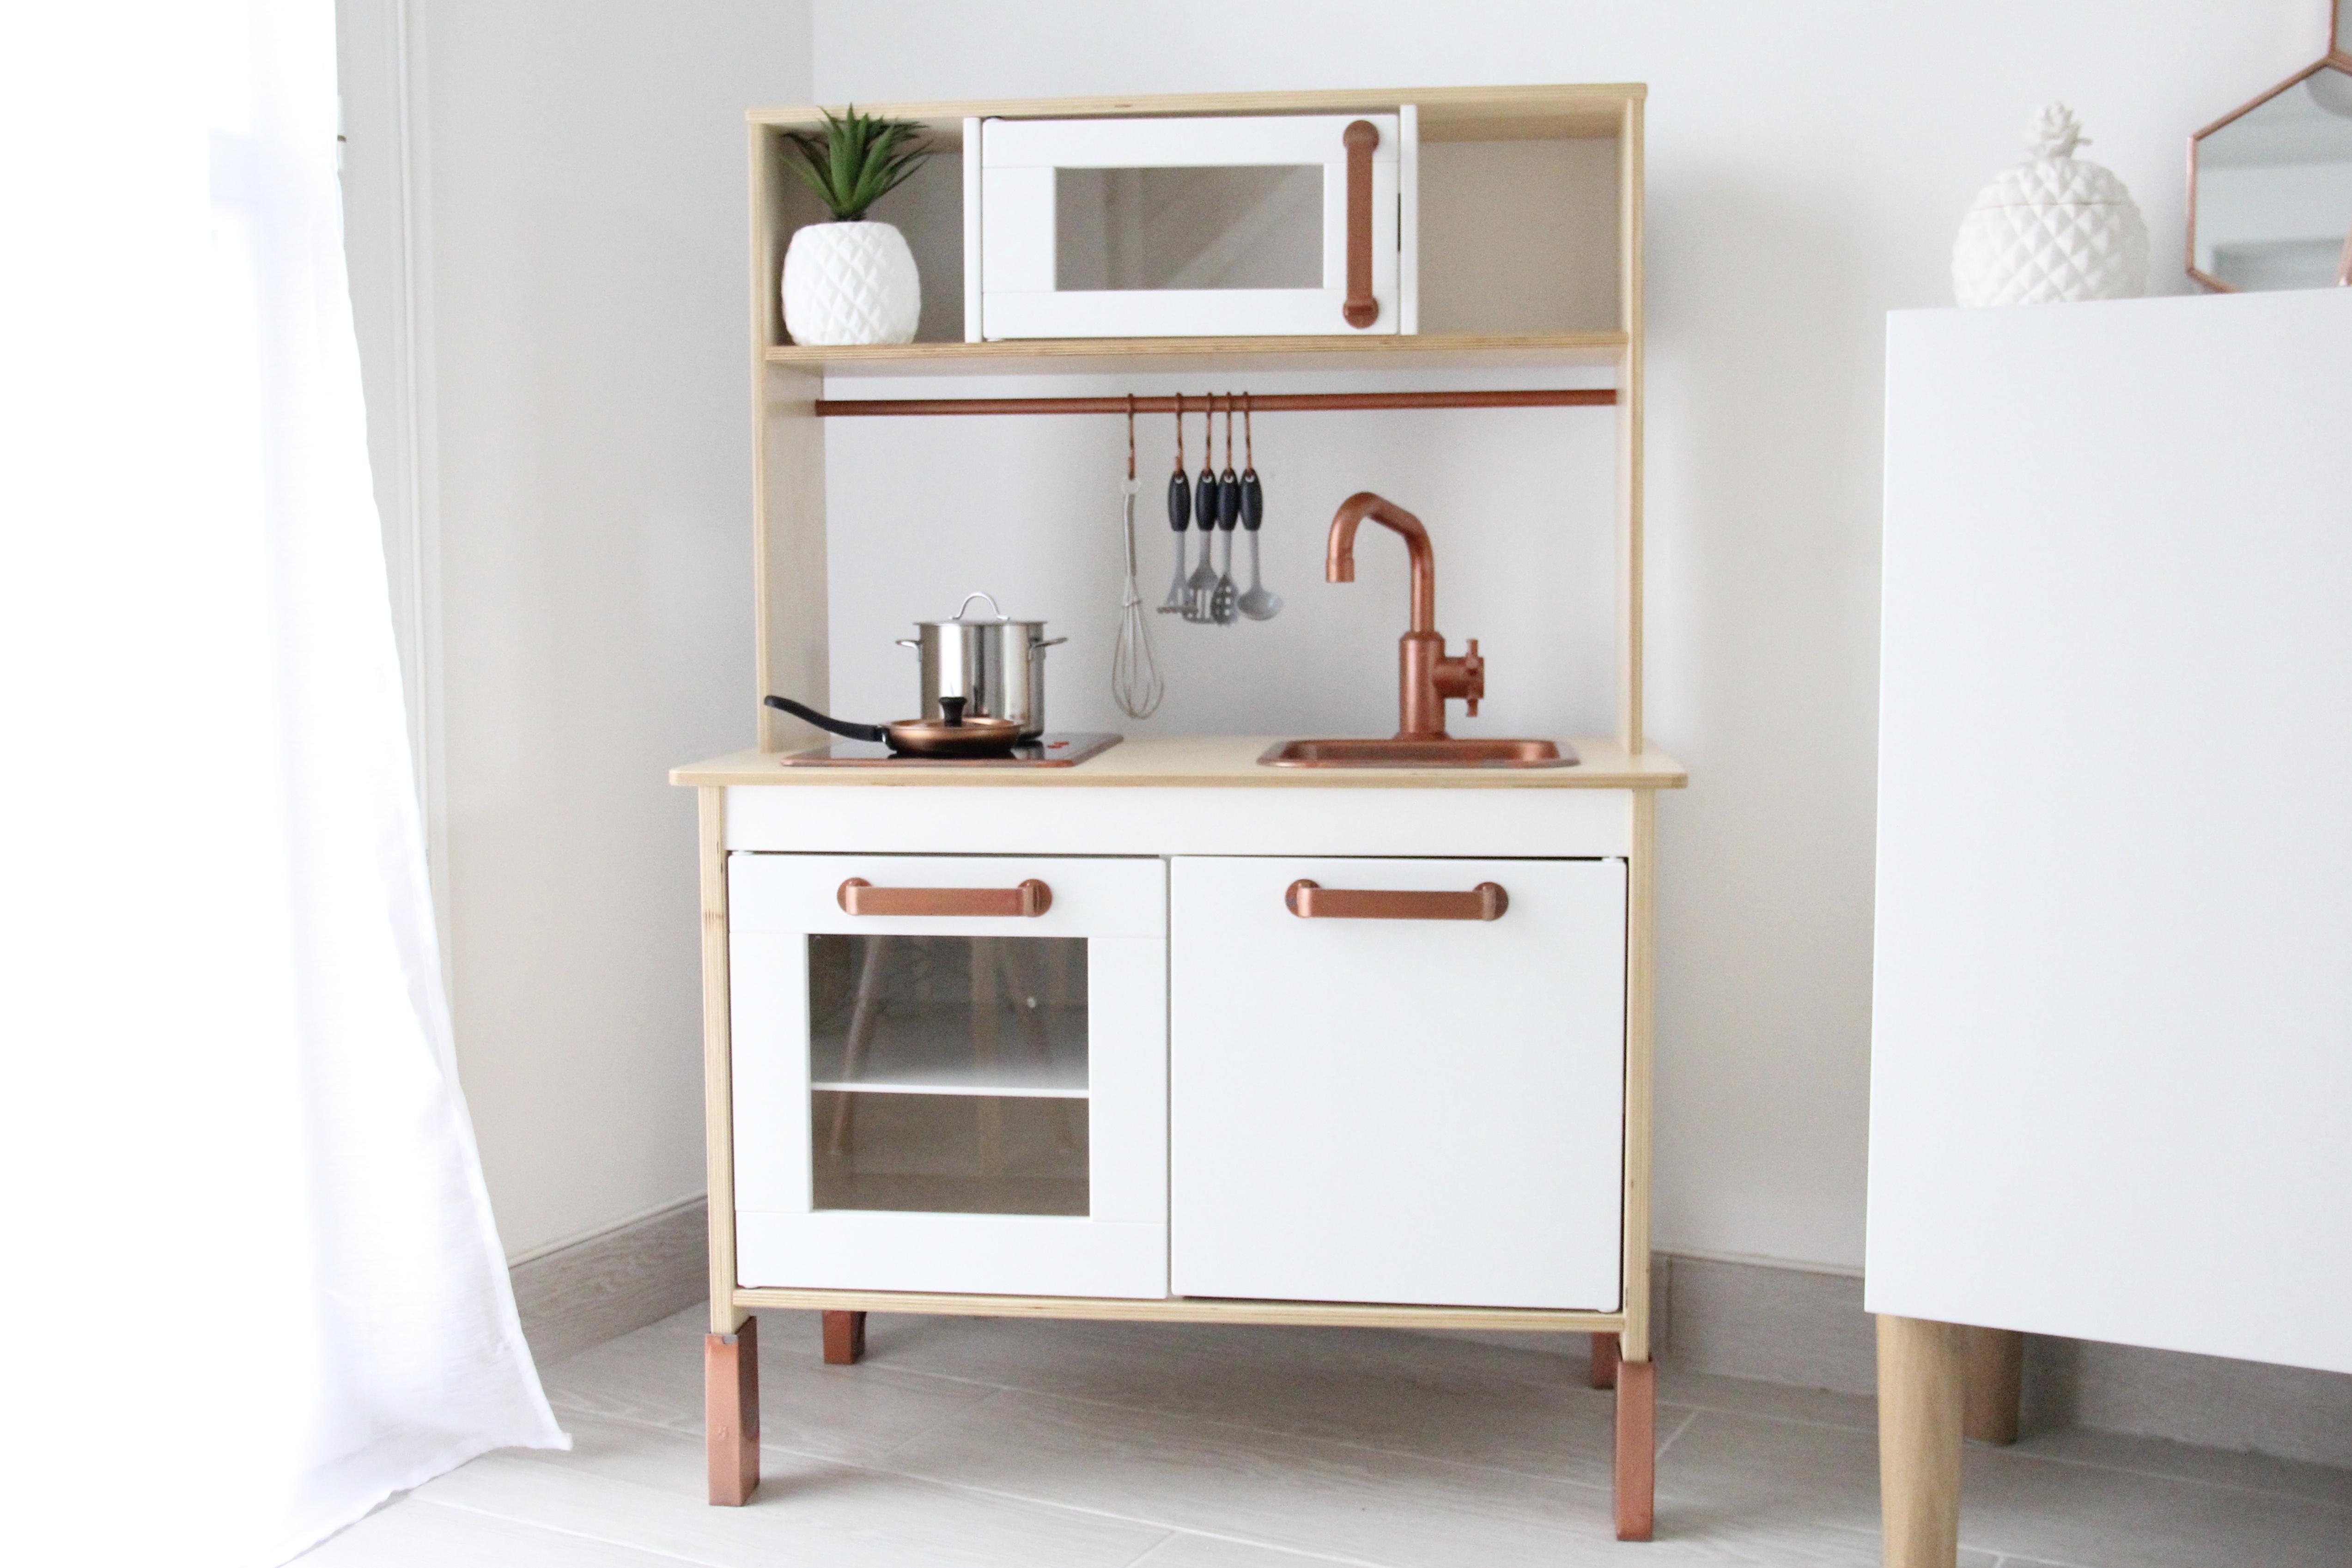 Petit Ilot Central Cuisine Pas Cher ~ More Cuisines Ikea 2015 Techniques Jobzz4u Us Jobzz4u Us